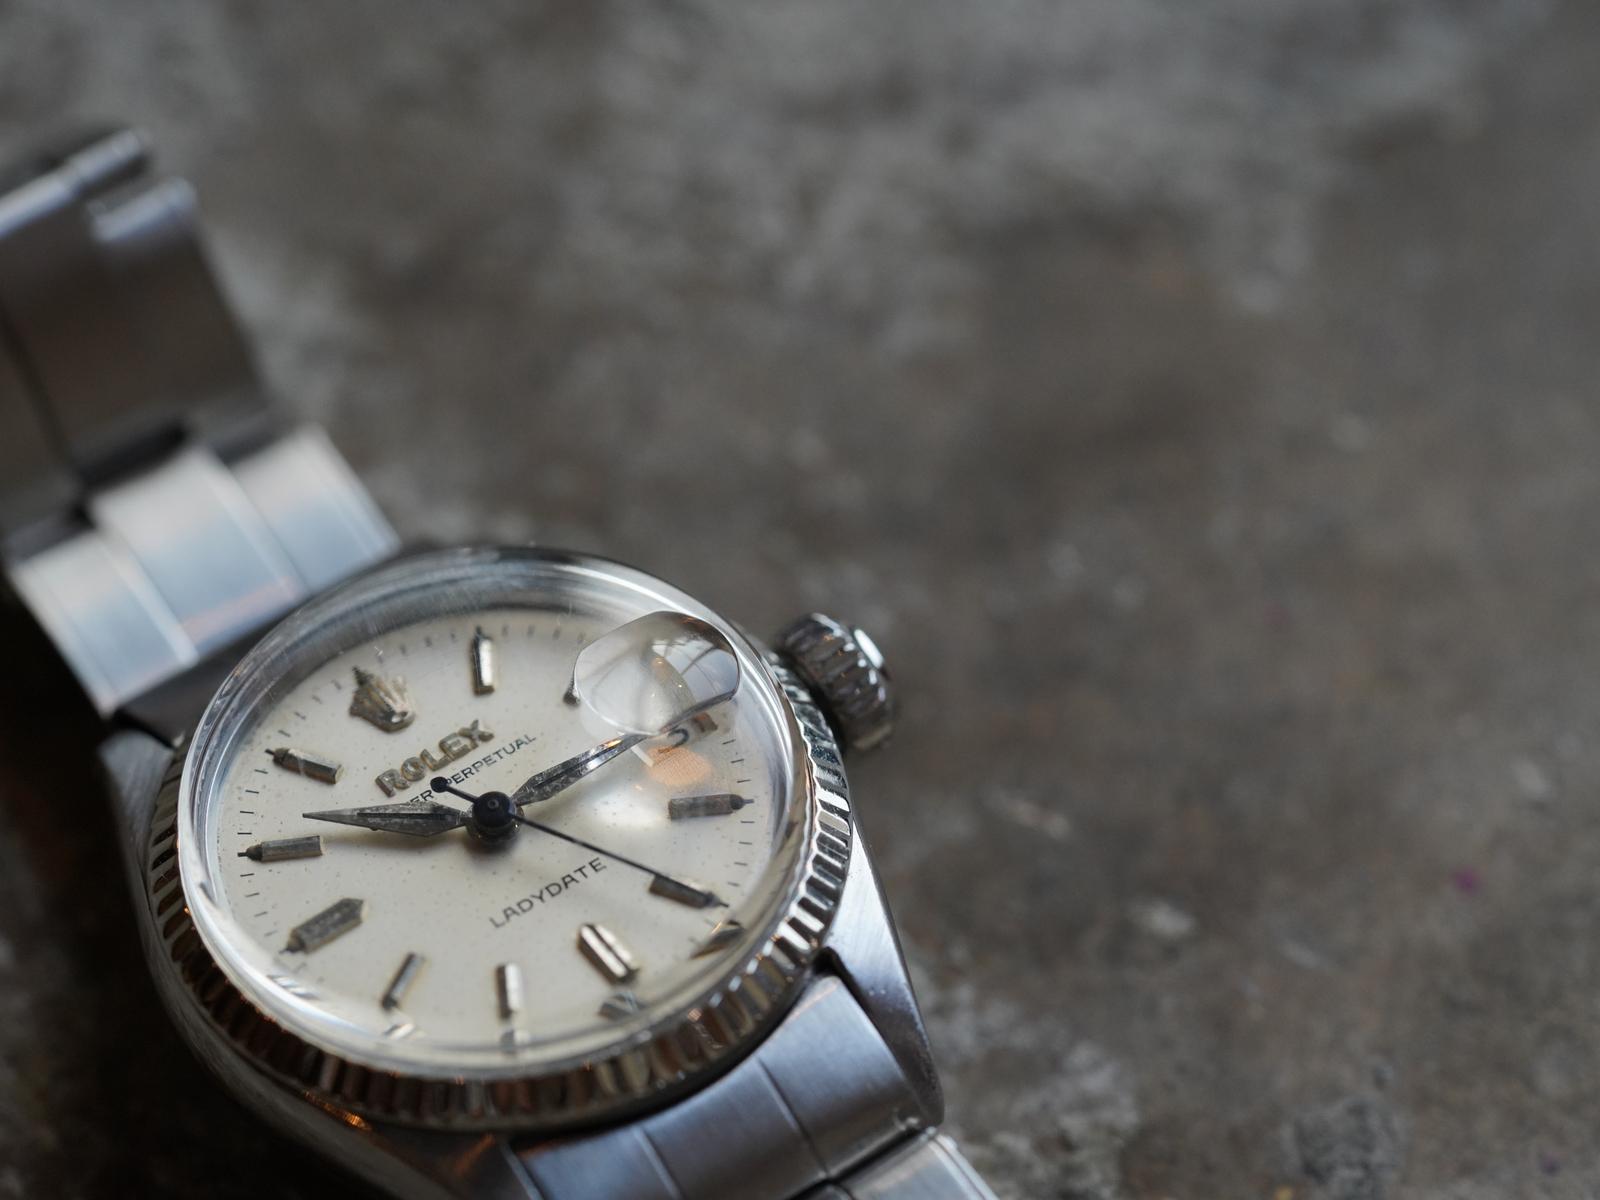 sale retailer a8b45 1e42b Rolex / Tudor | 江口洋品店・江口時計店 / Eguchi Store Watch ...